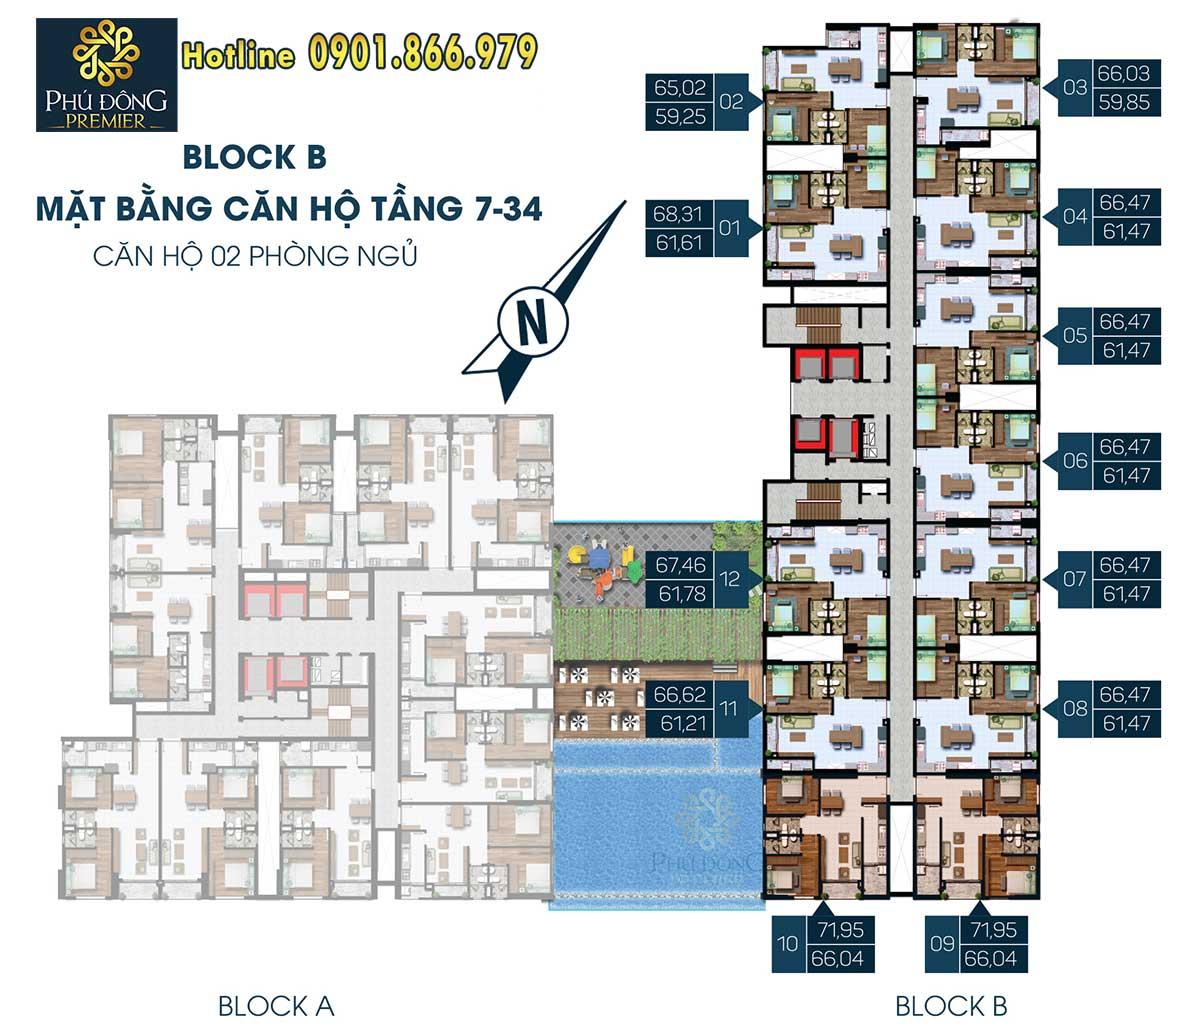 Mặt bằng căn hộ Phú Đông Premier mẫu 2 phòng ngủ Block B